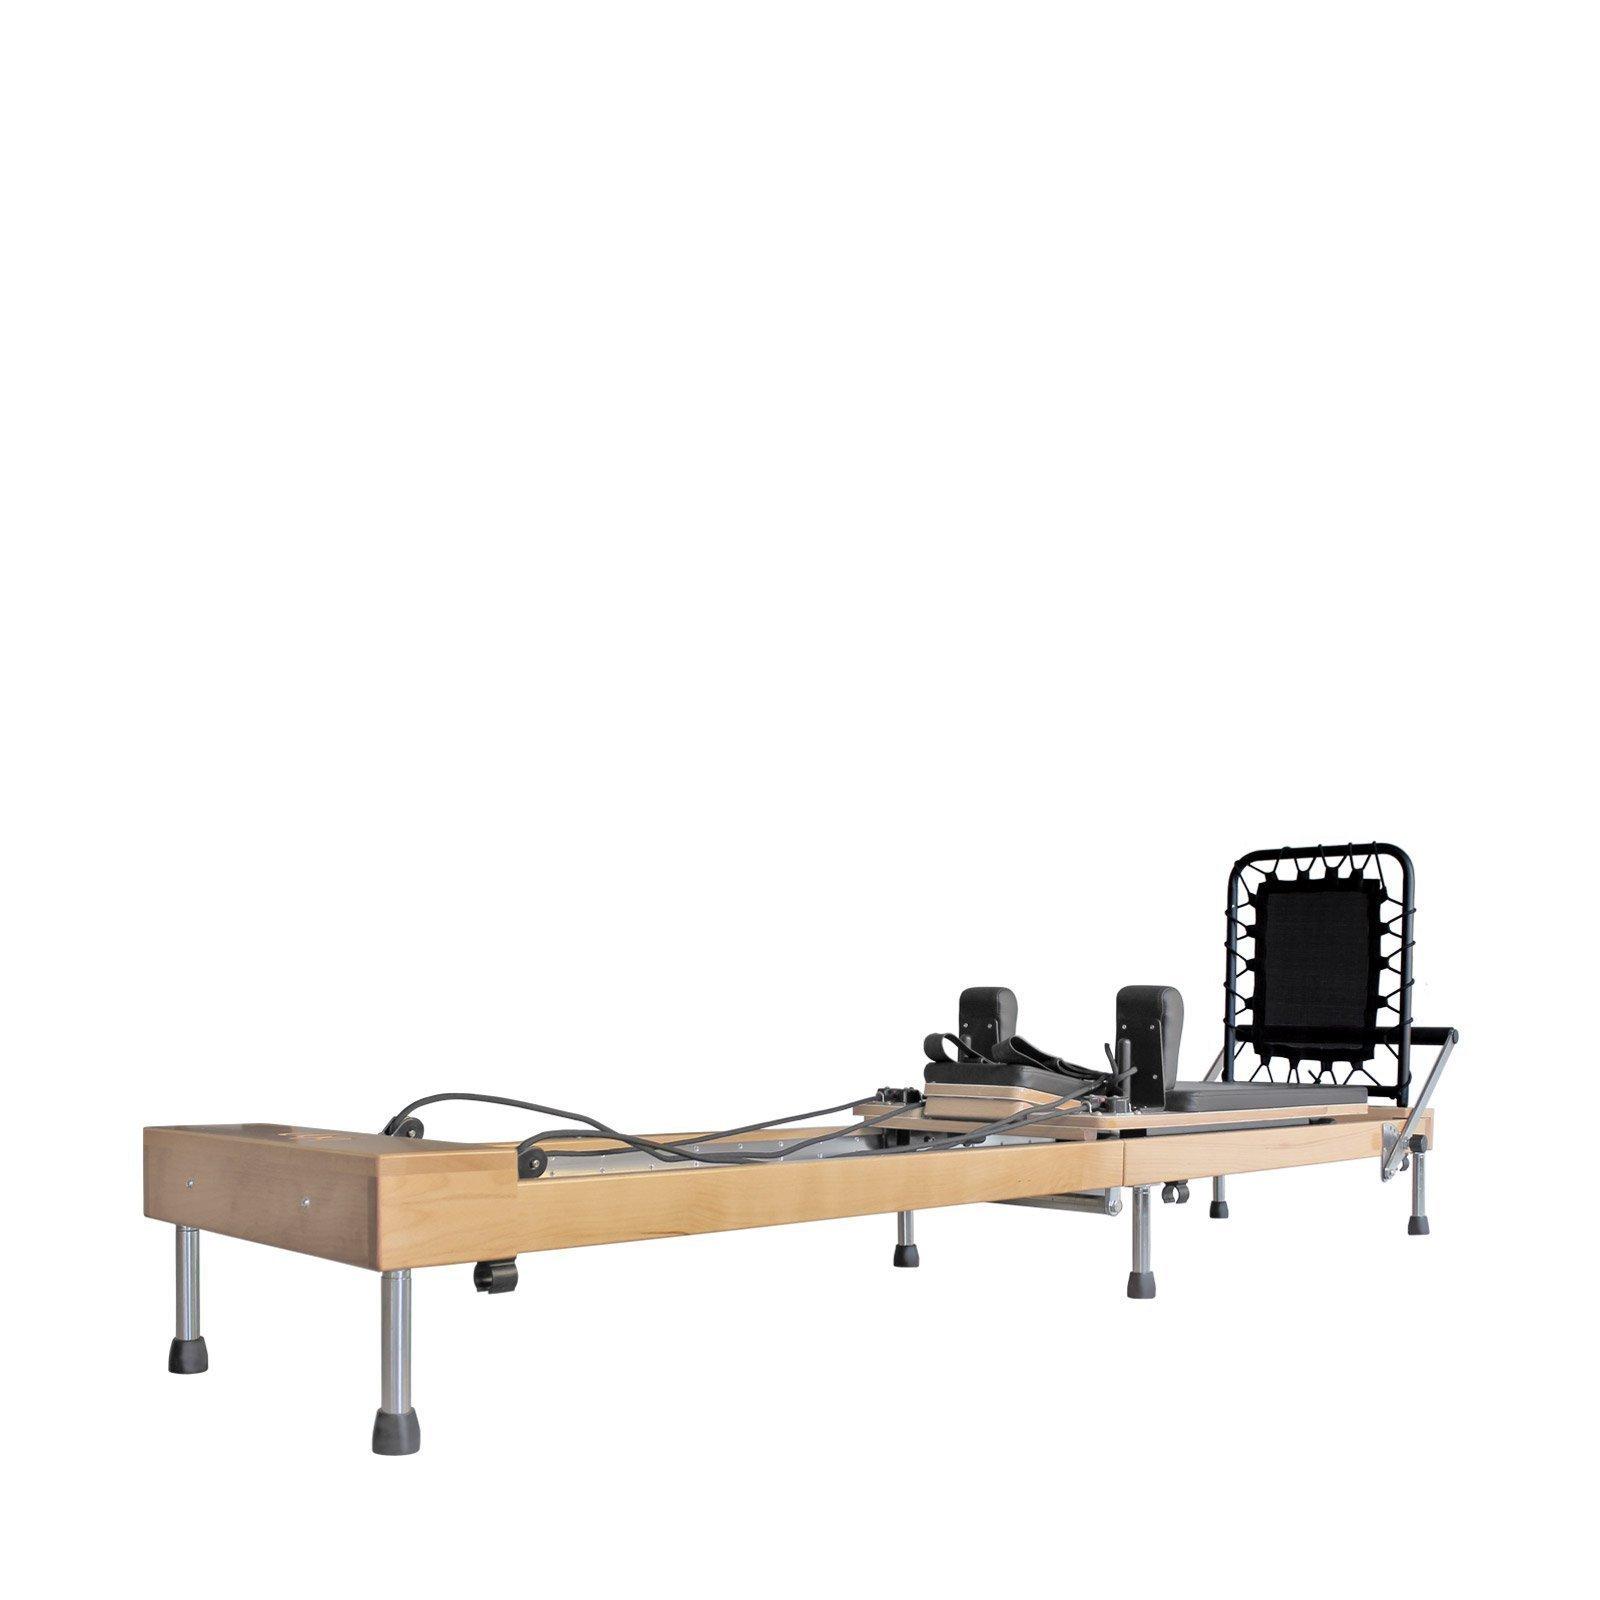 pilates reformer machine parts